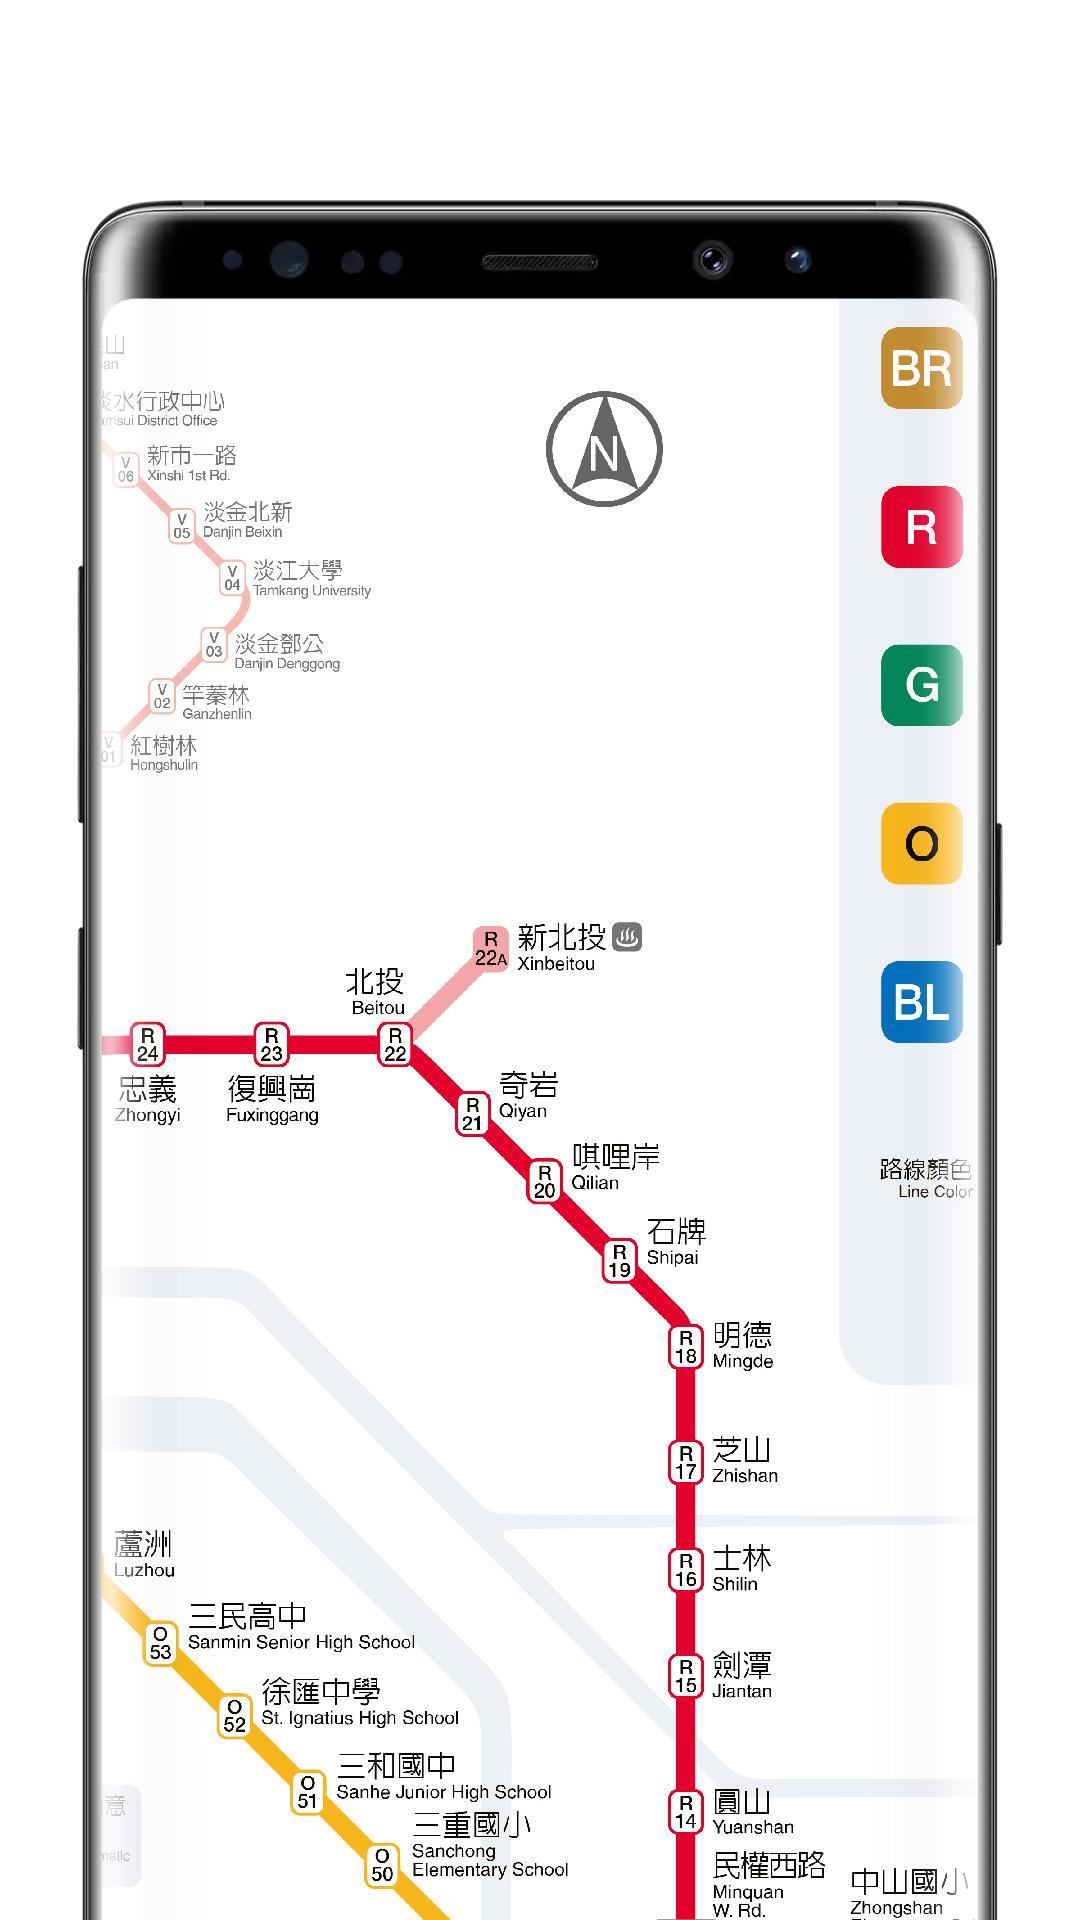 台湾 地下鉄 路線 図